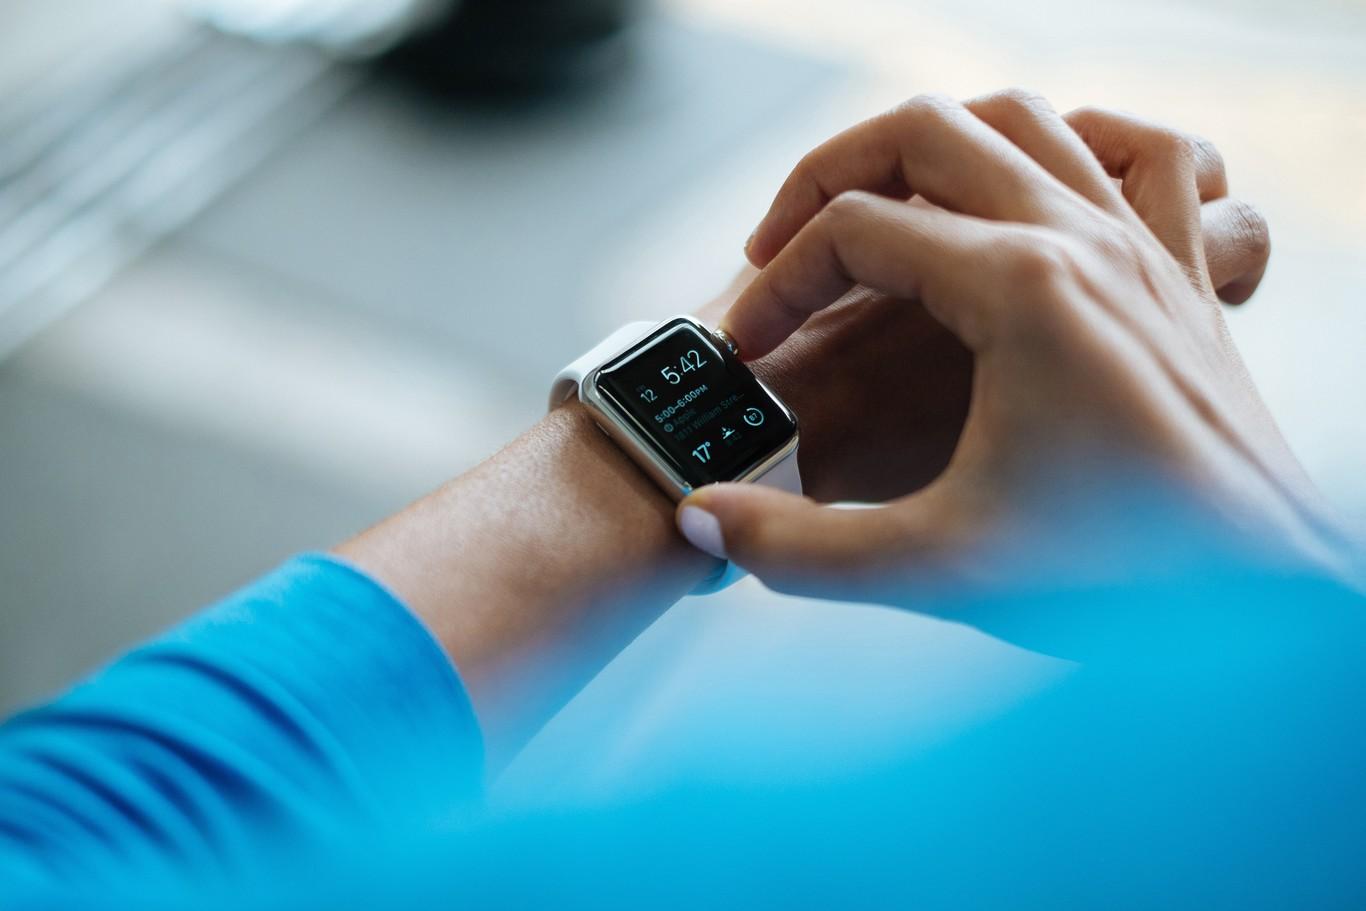 Qué tan alto es el ritmo cardíaco demasiado alto cuando hace ejercicio